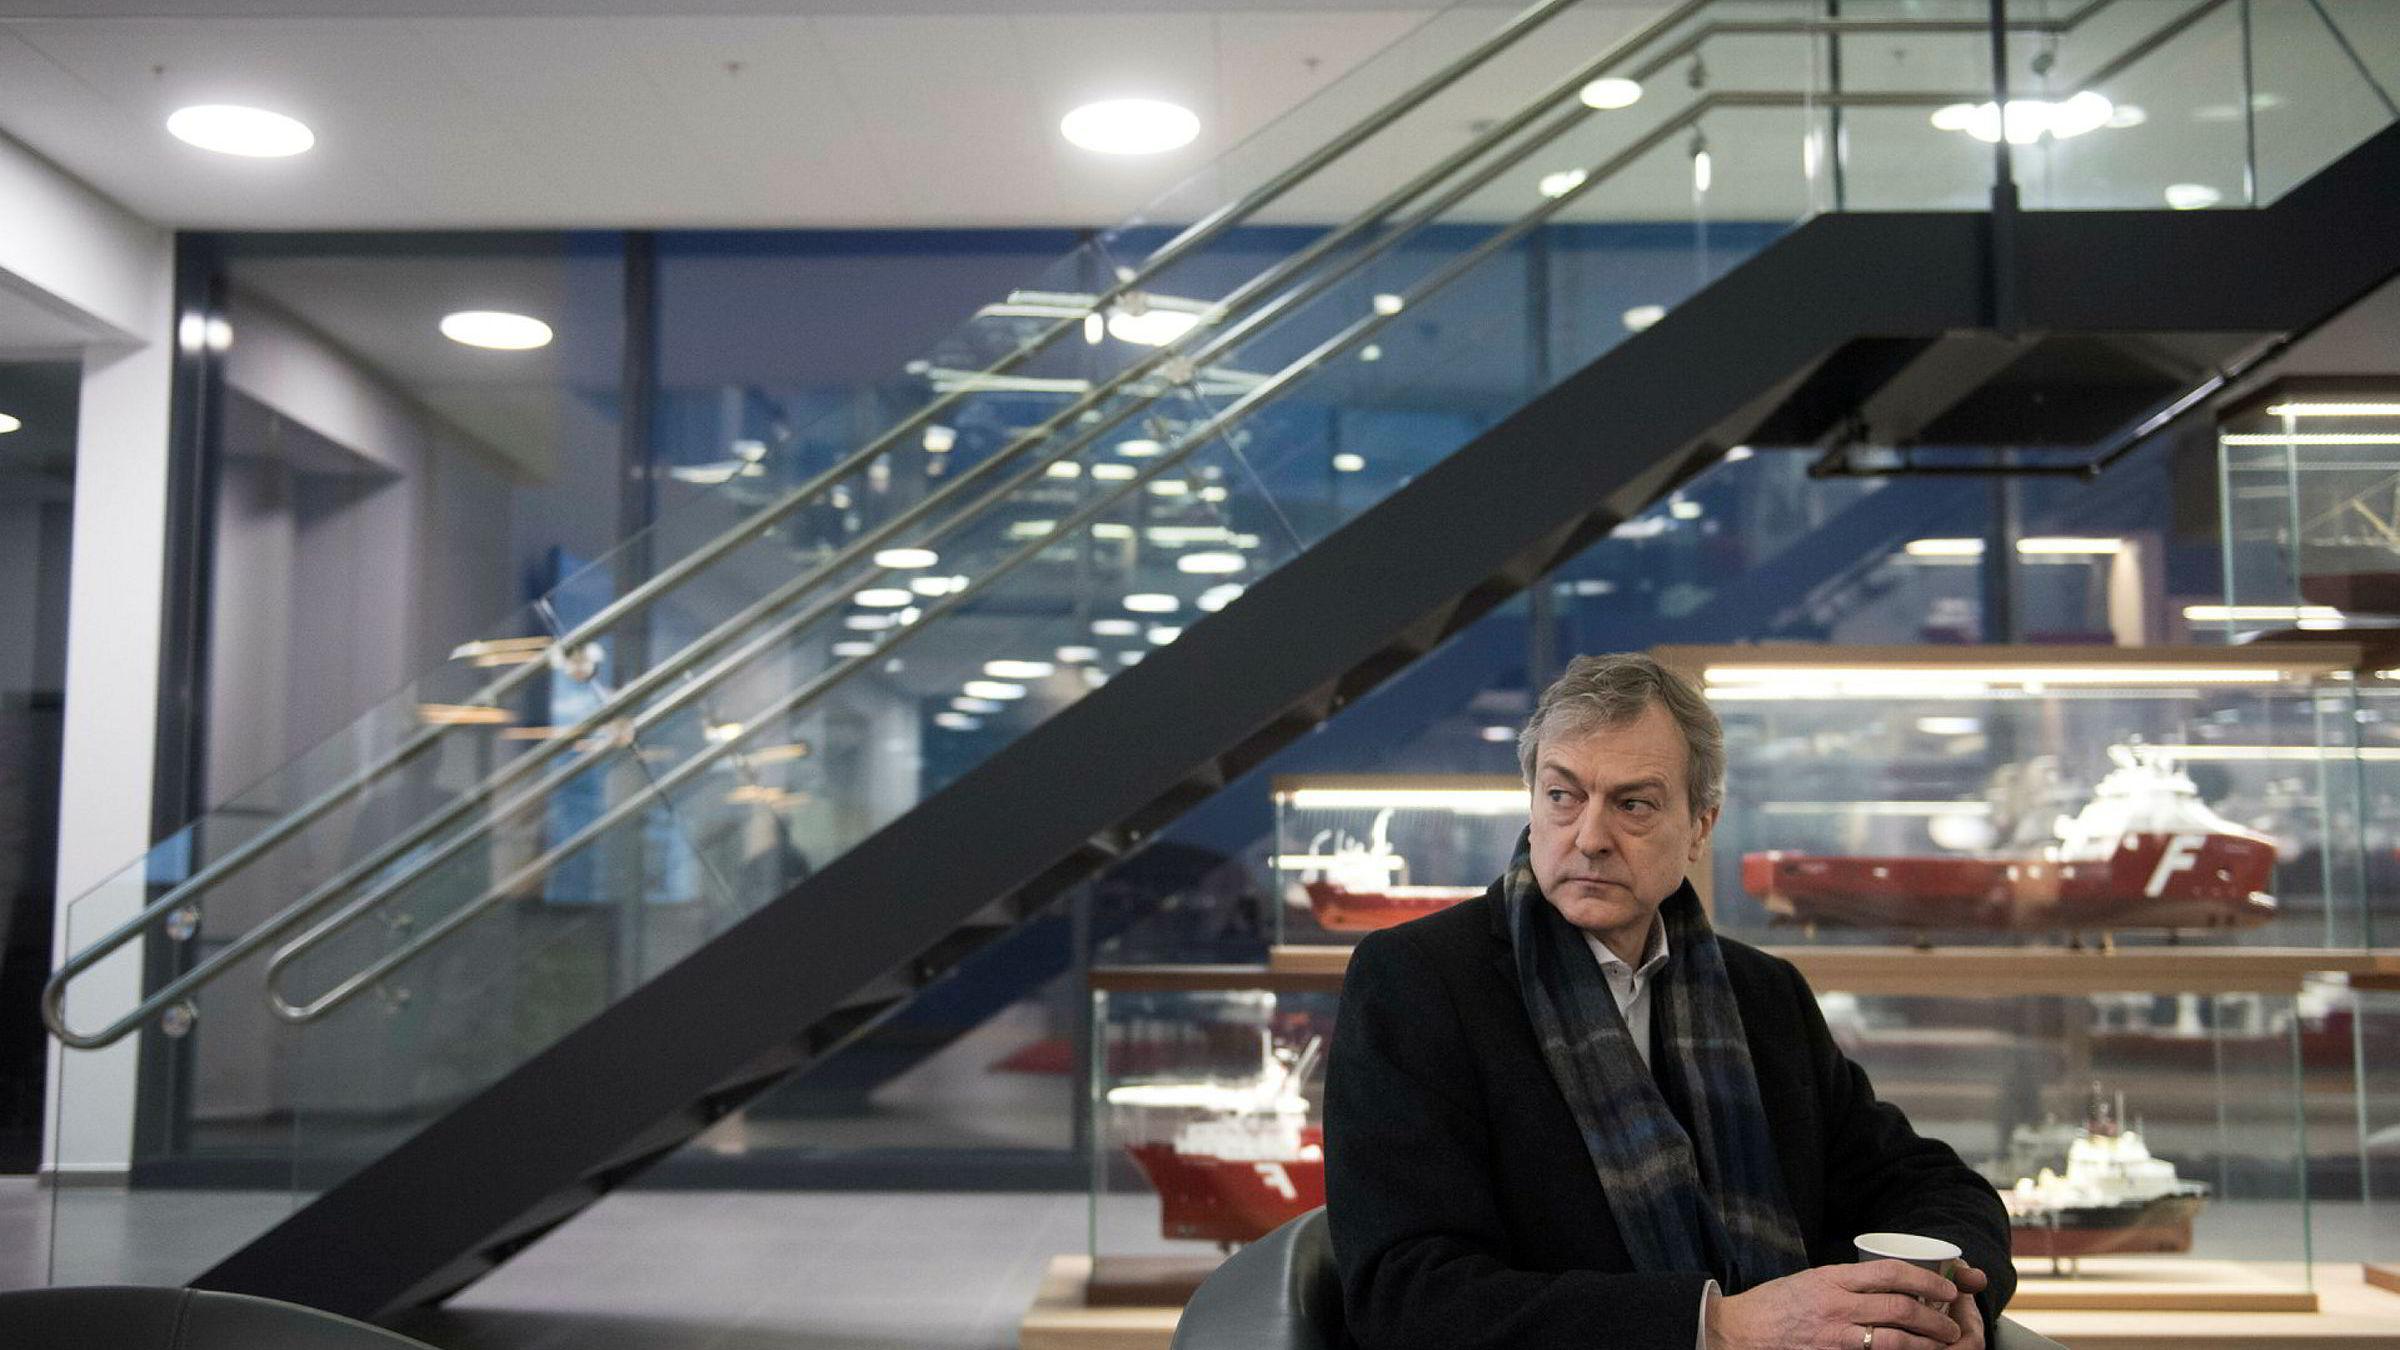 Administrerende direktør i Farstad Shipping ASA Karl Johan Bakken i lobbyen til selskapets kontorer, dagen etter at selskapet meldte at de hadde fått på plass en avtale med Hemen og Aker.